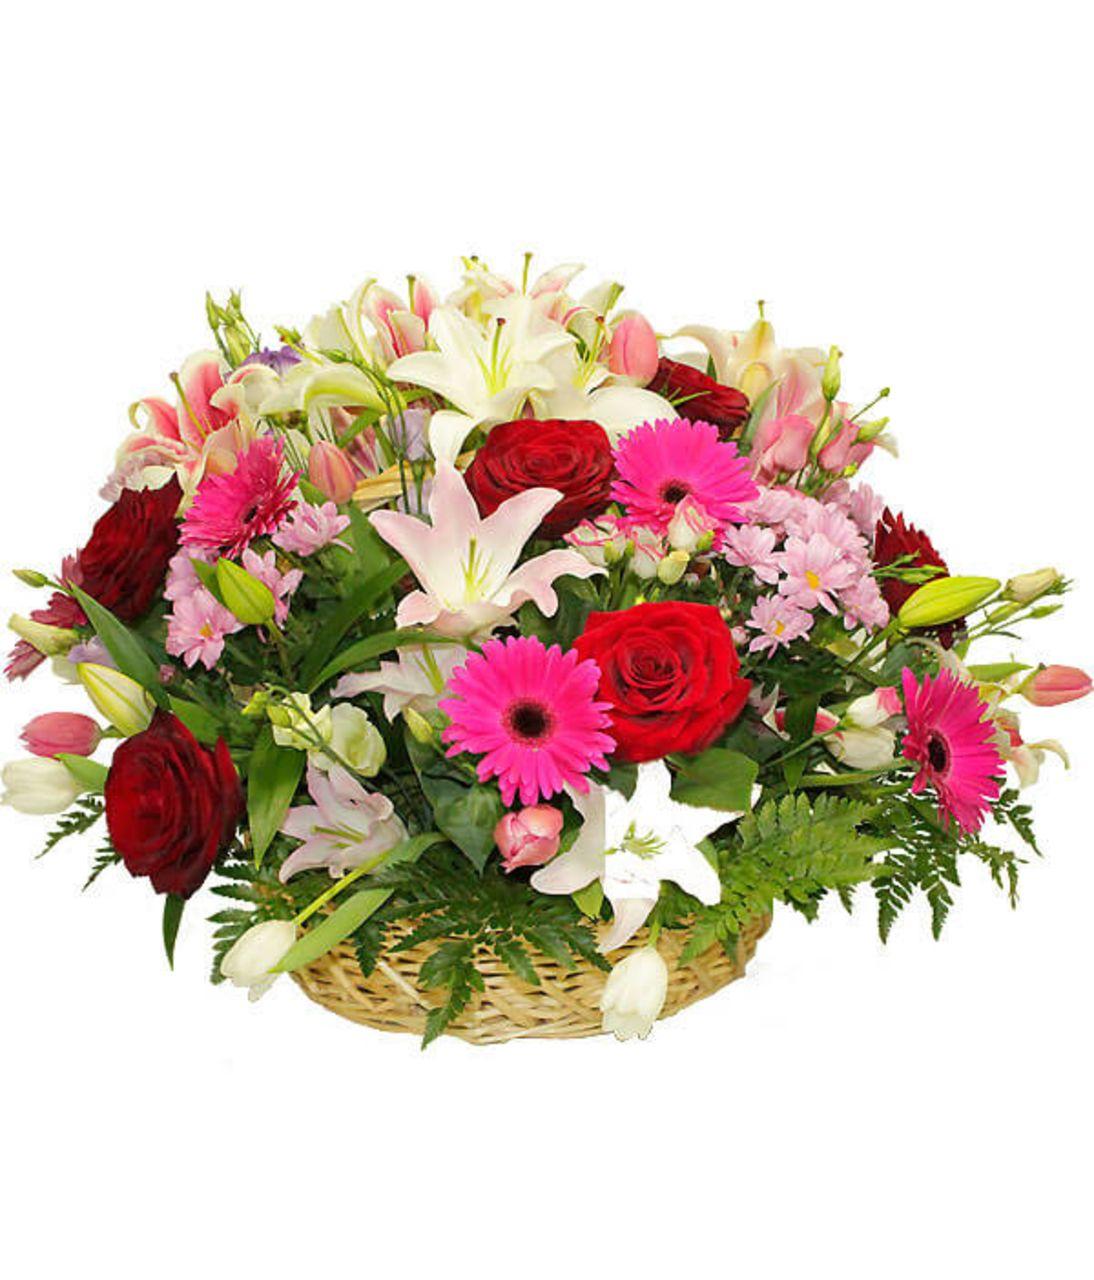 Остров везения. Superflowers.com.ua. Доставка корзины цветов в Киеве